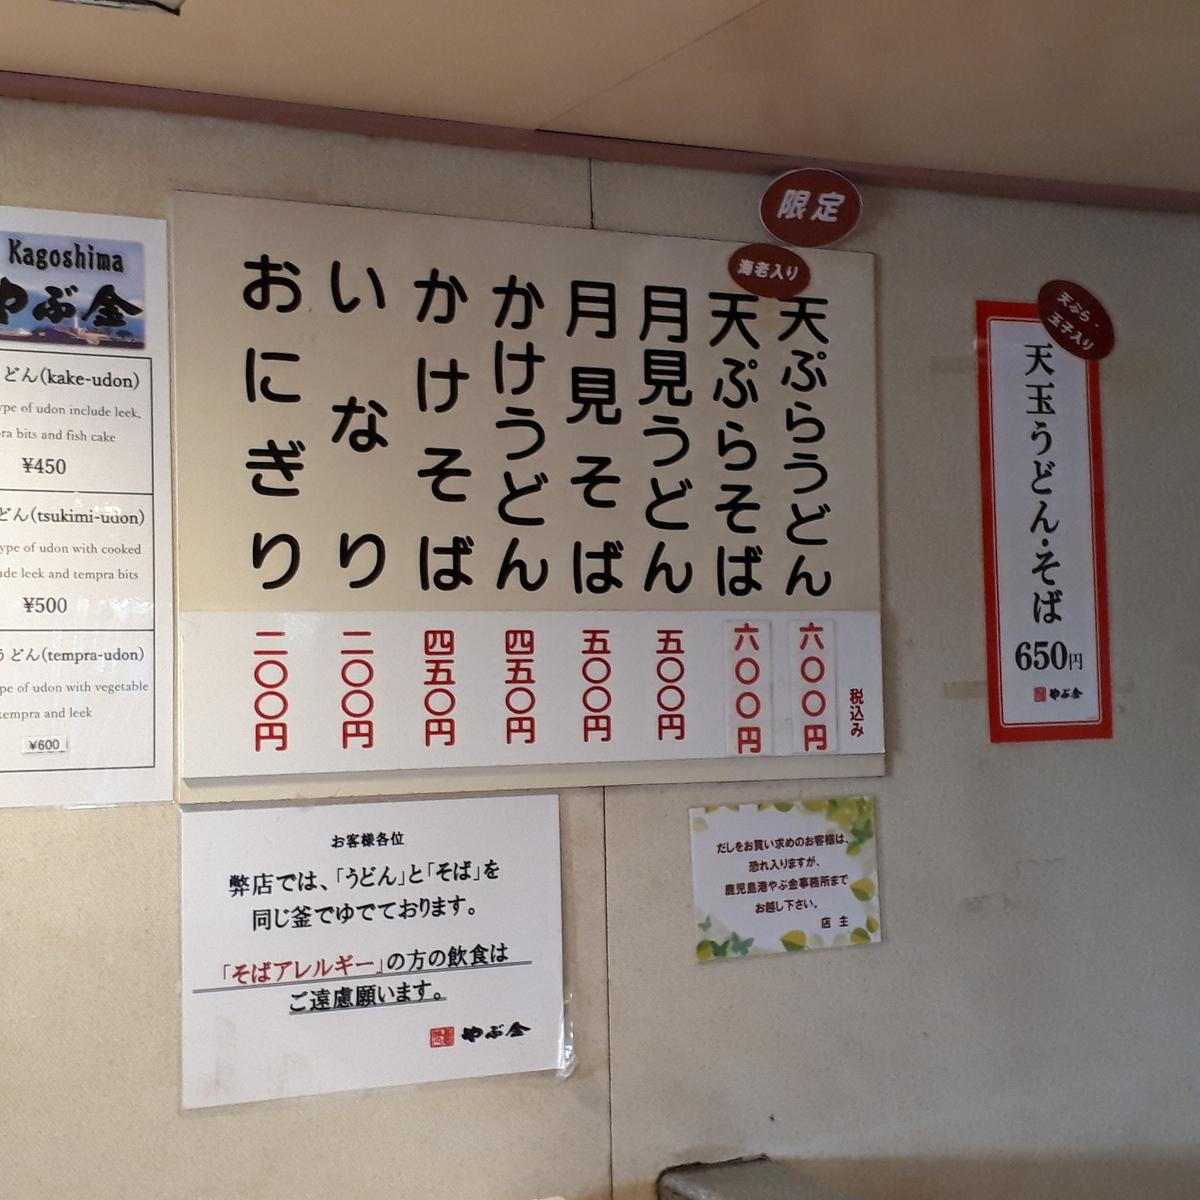 桜島フェリー うどんコーナー メニュー